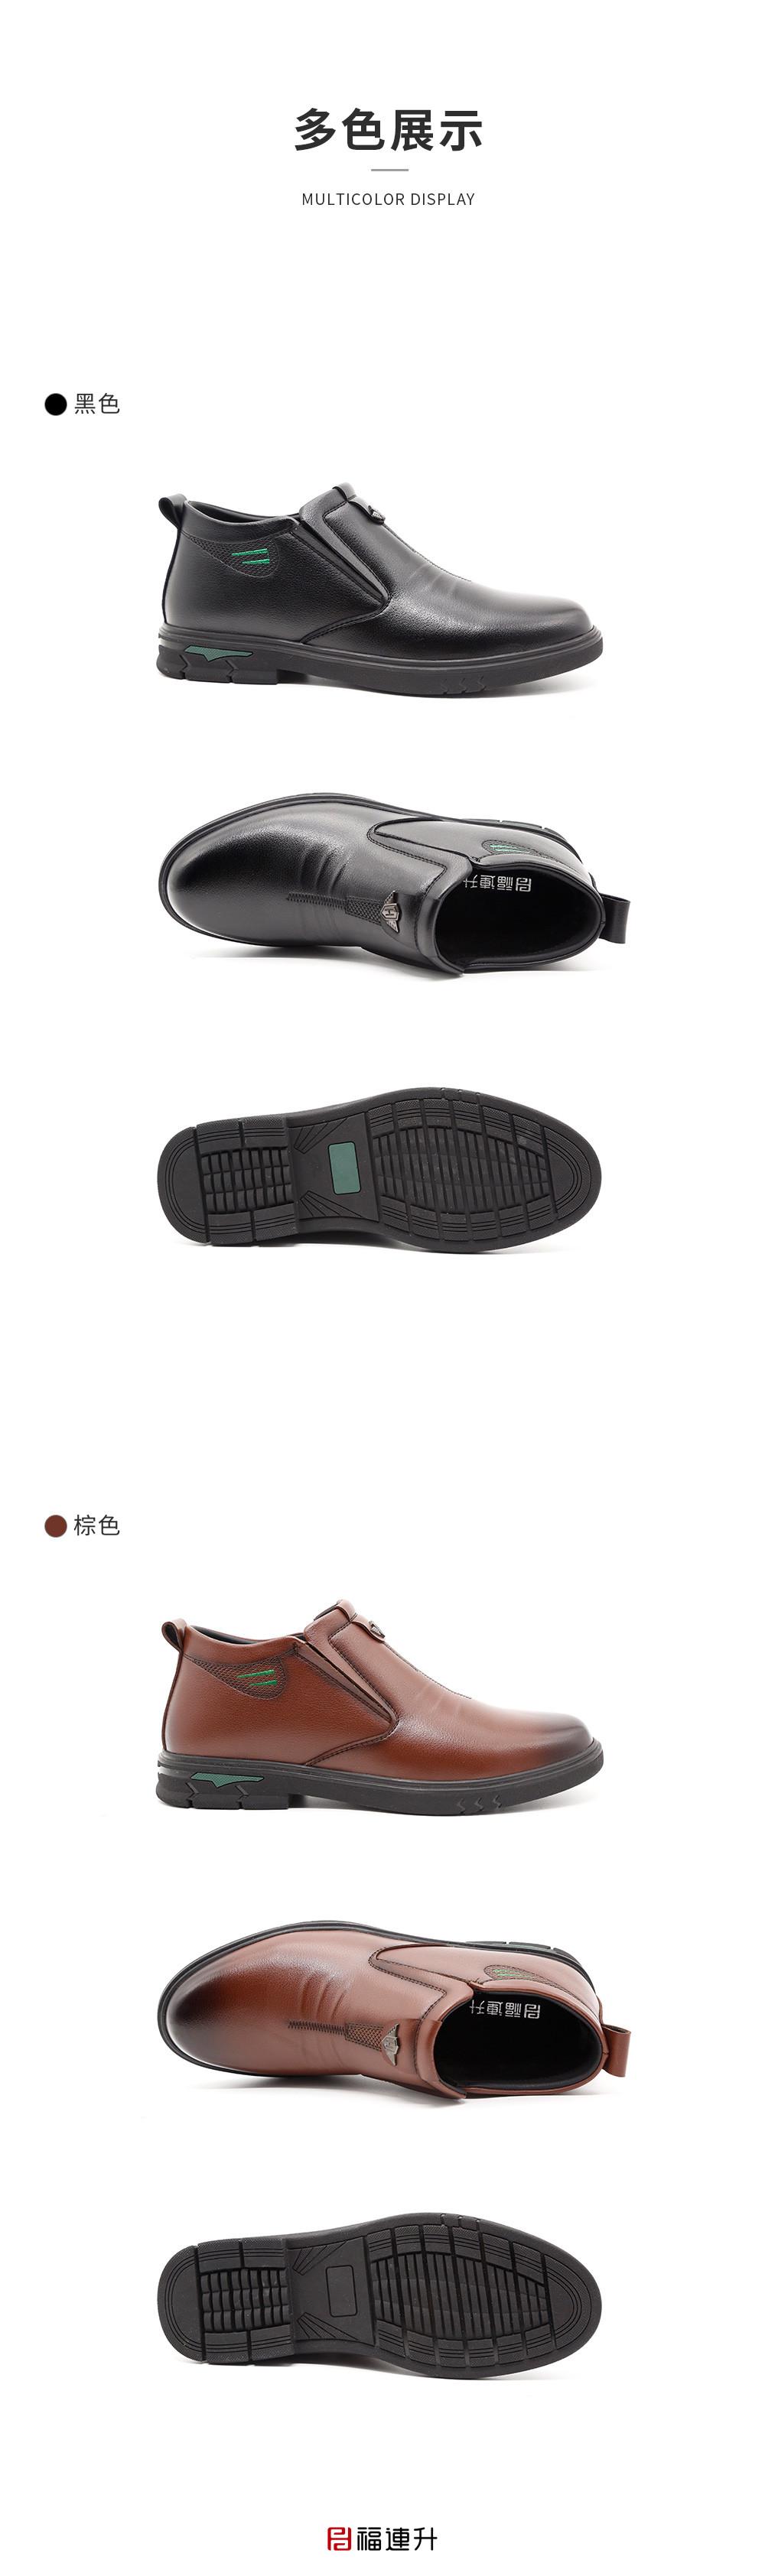 福连升2020冬季新款中年圆头休闲商务上班工作鞋子职业装男鞋图片